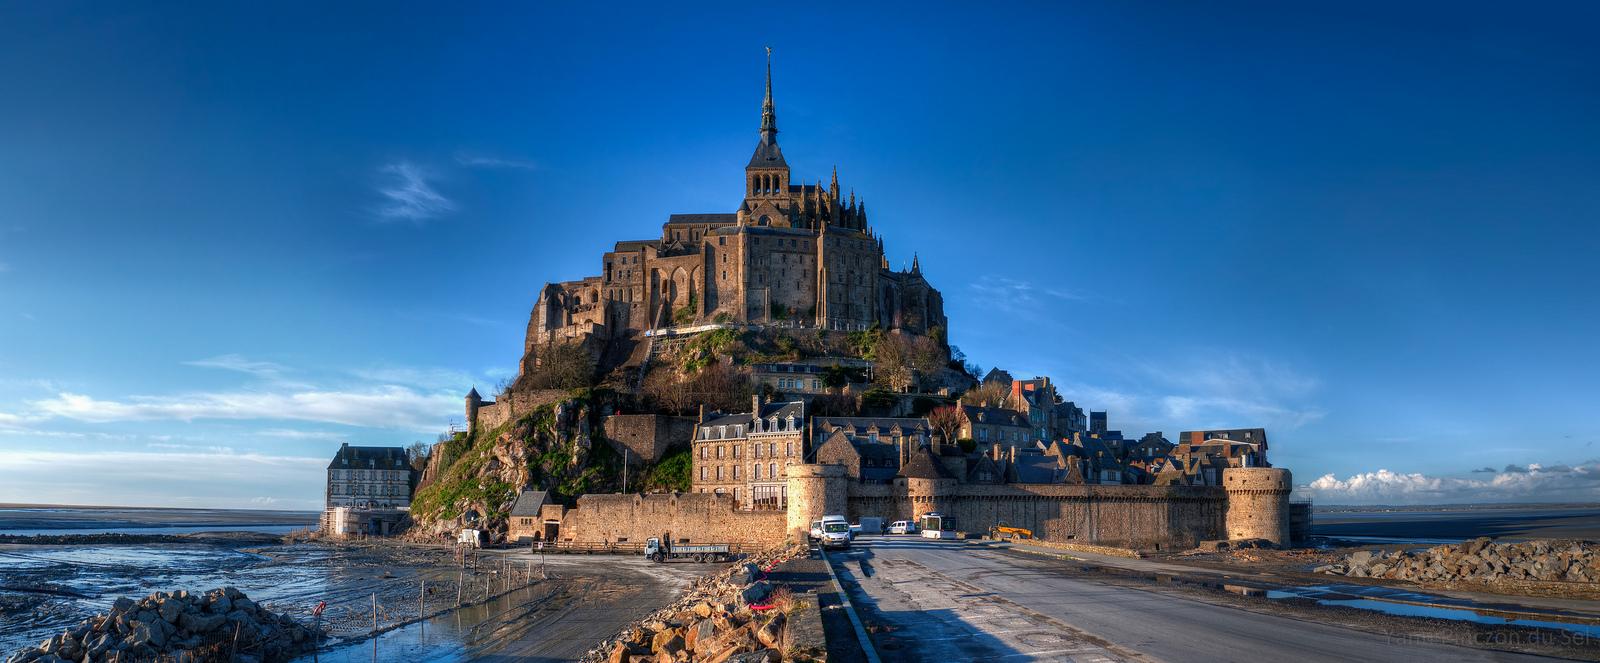 mont saint michel frança 50 cidades para ver antes de morrer curiosidades